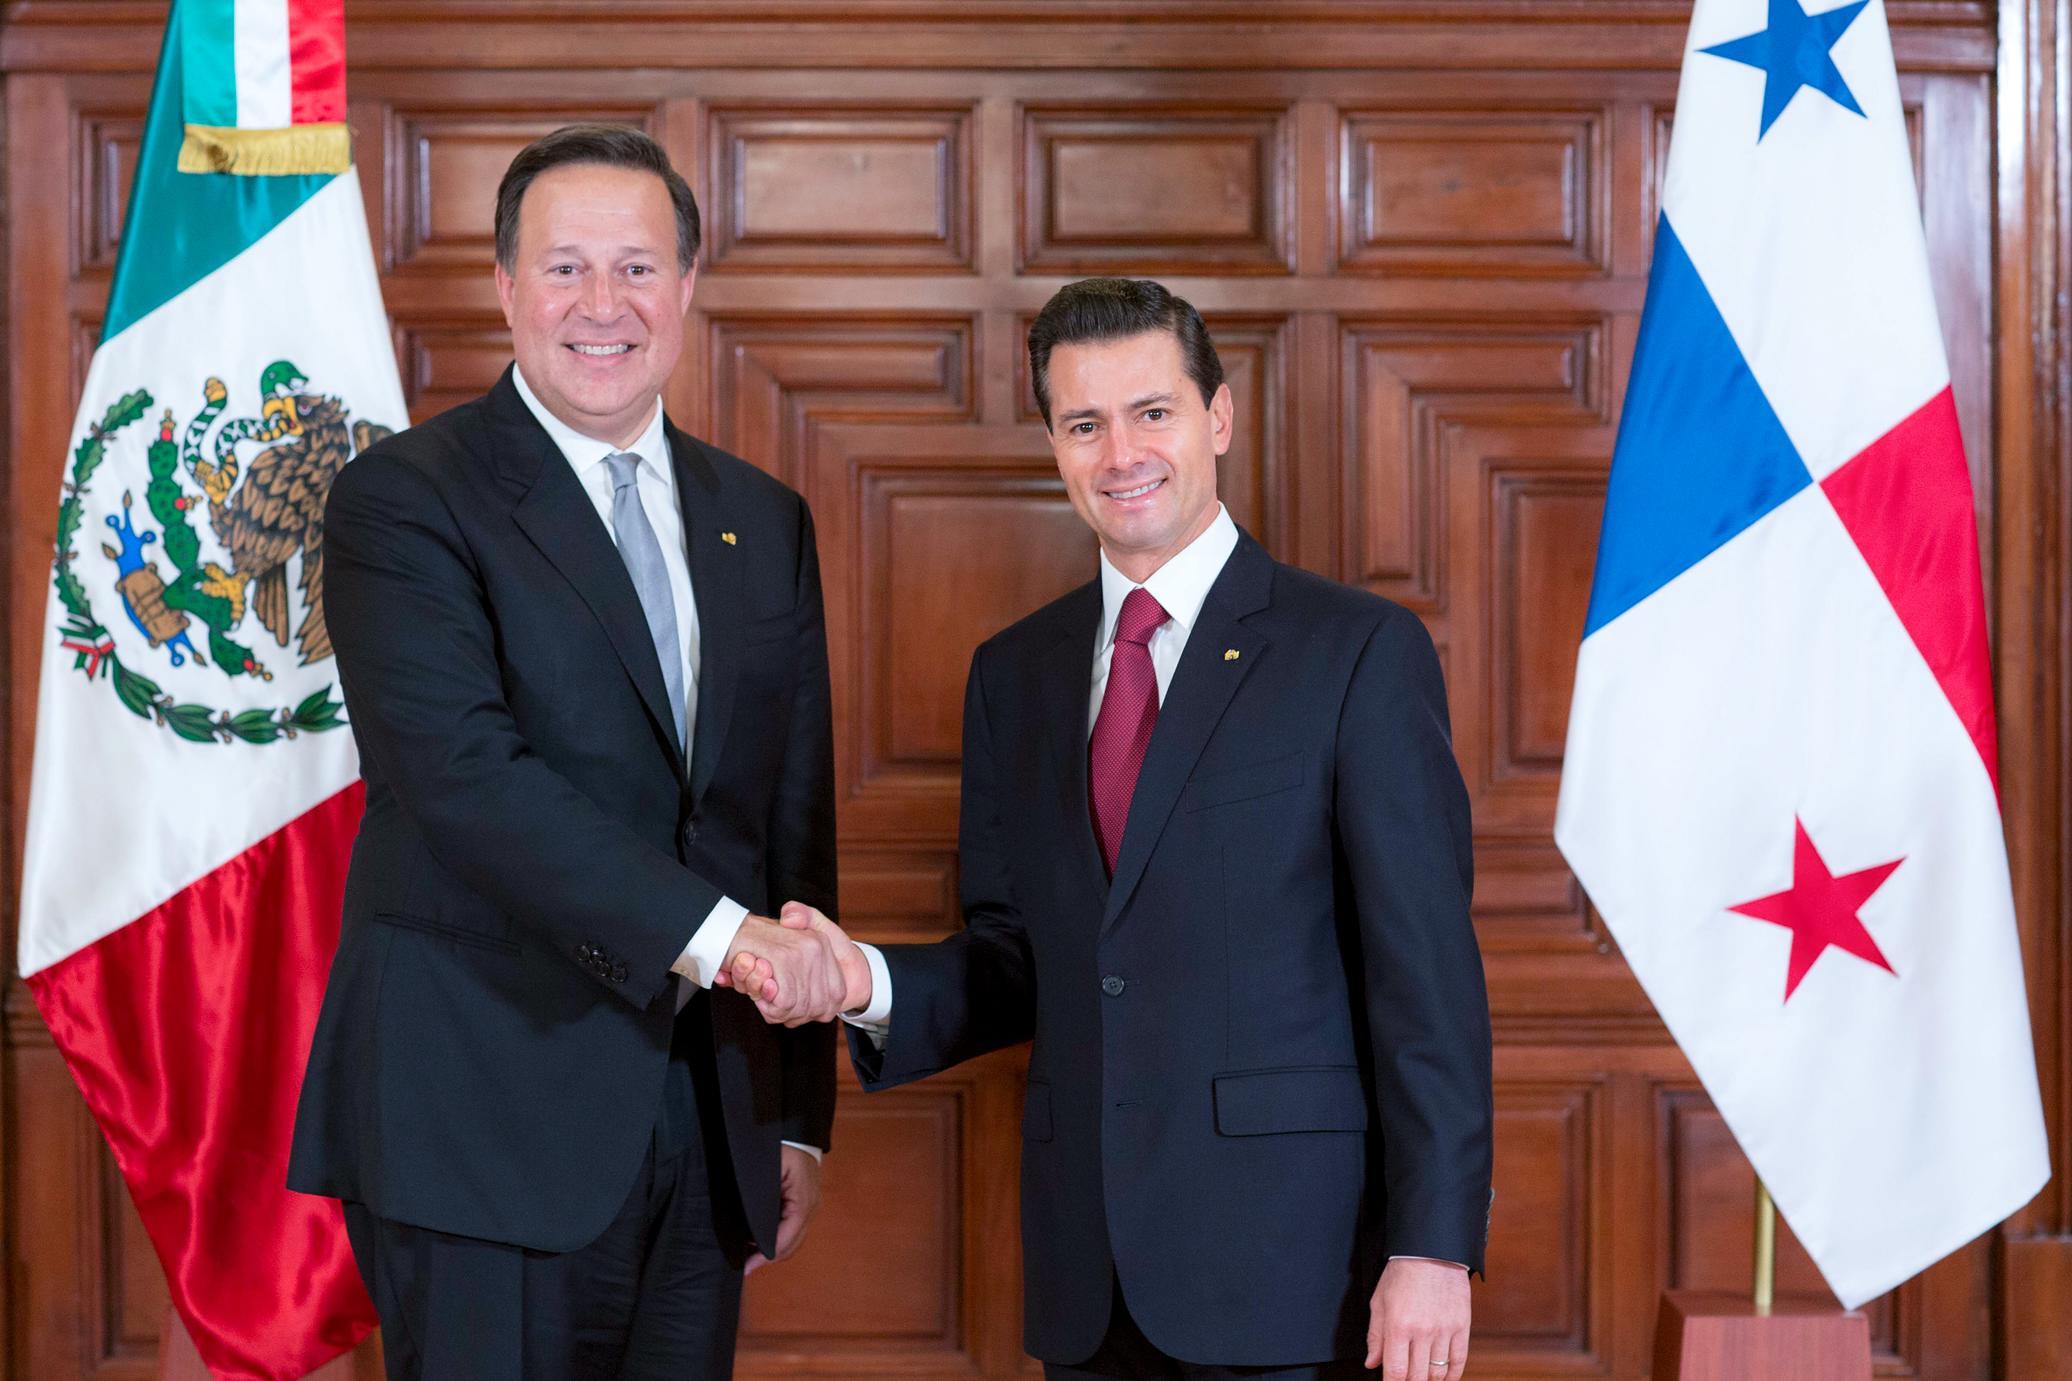 Apartir del Acuerdo de Libre Comercio celebrado con Panamá, los flujos comerciales han venido creciendo.